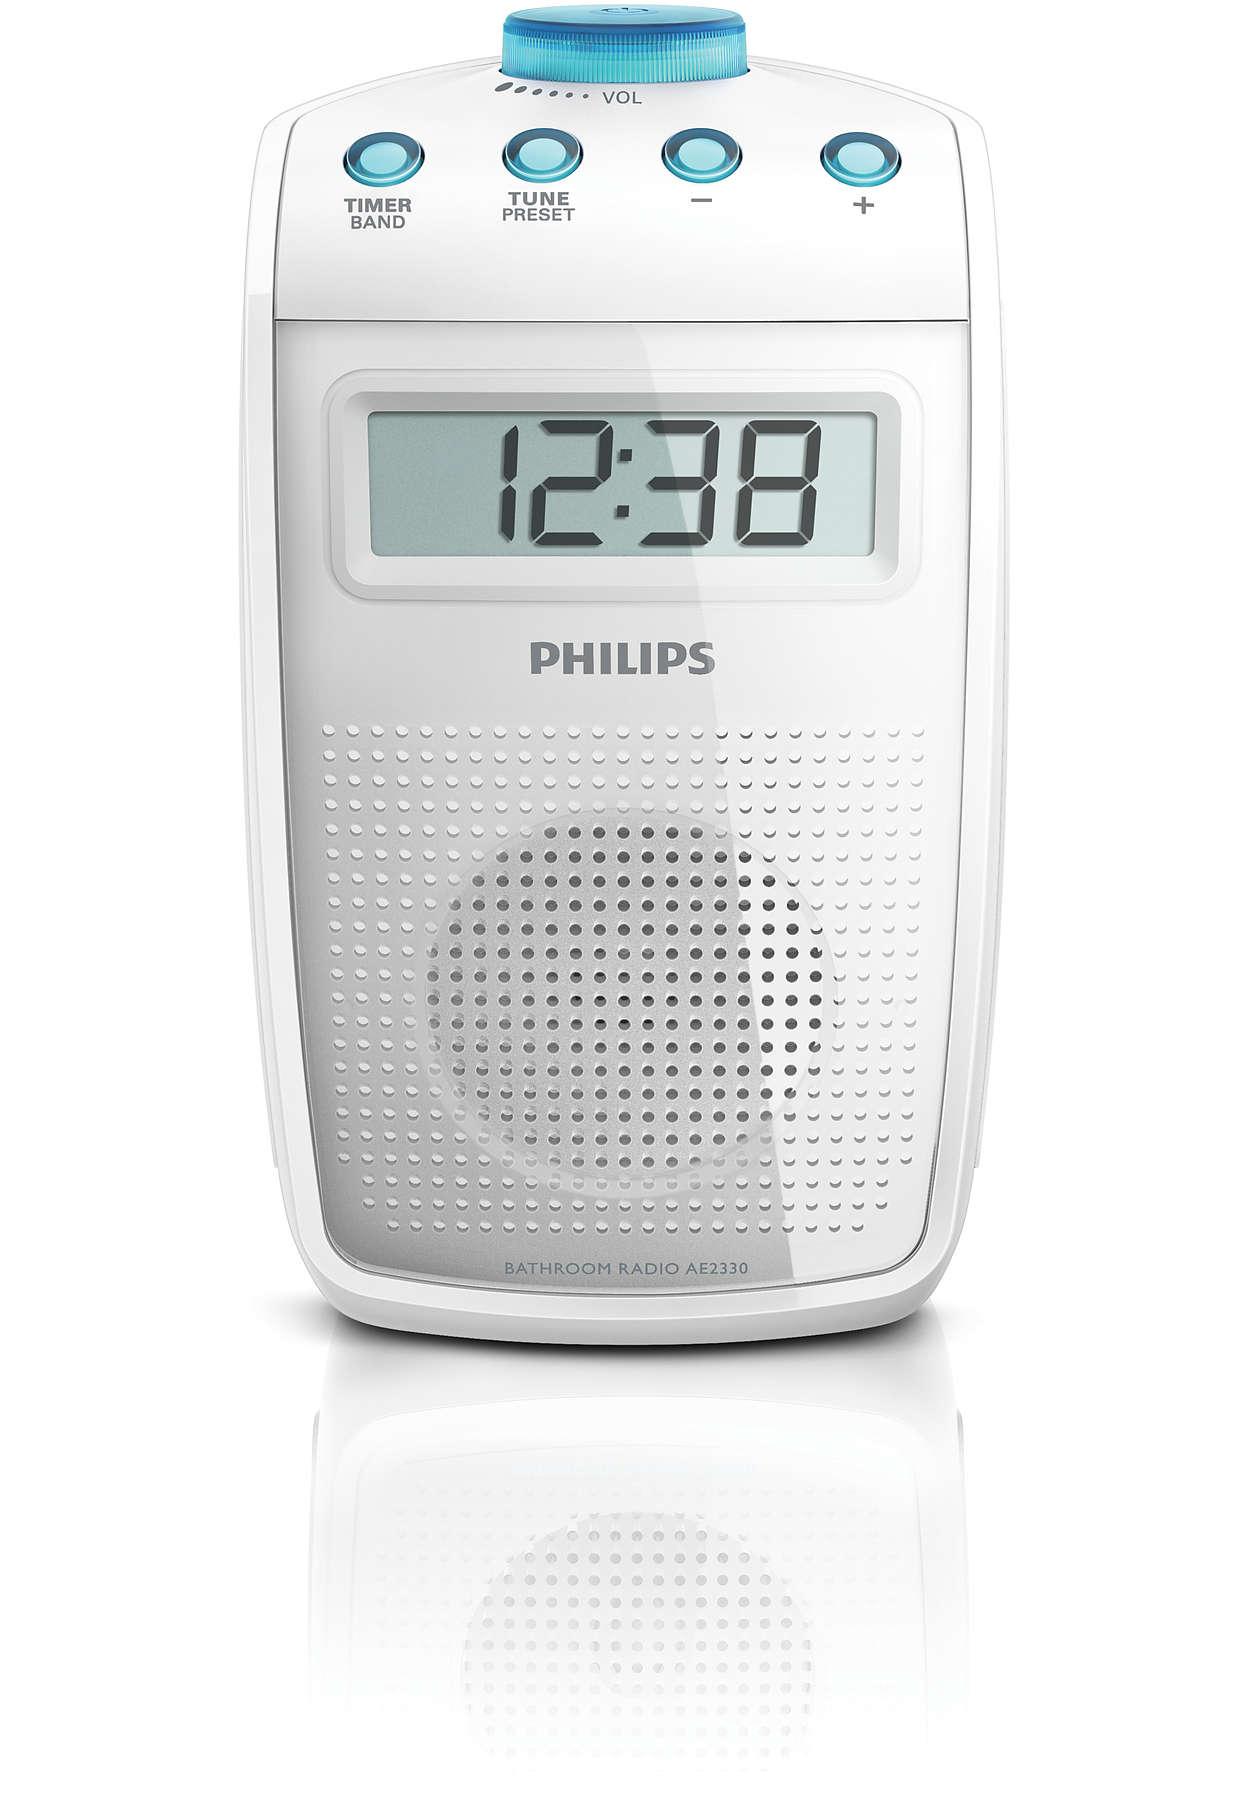 bathroom radio - Bathroom Radio